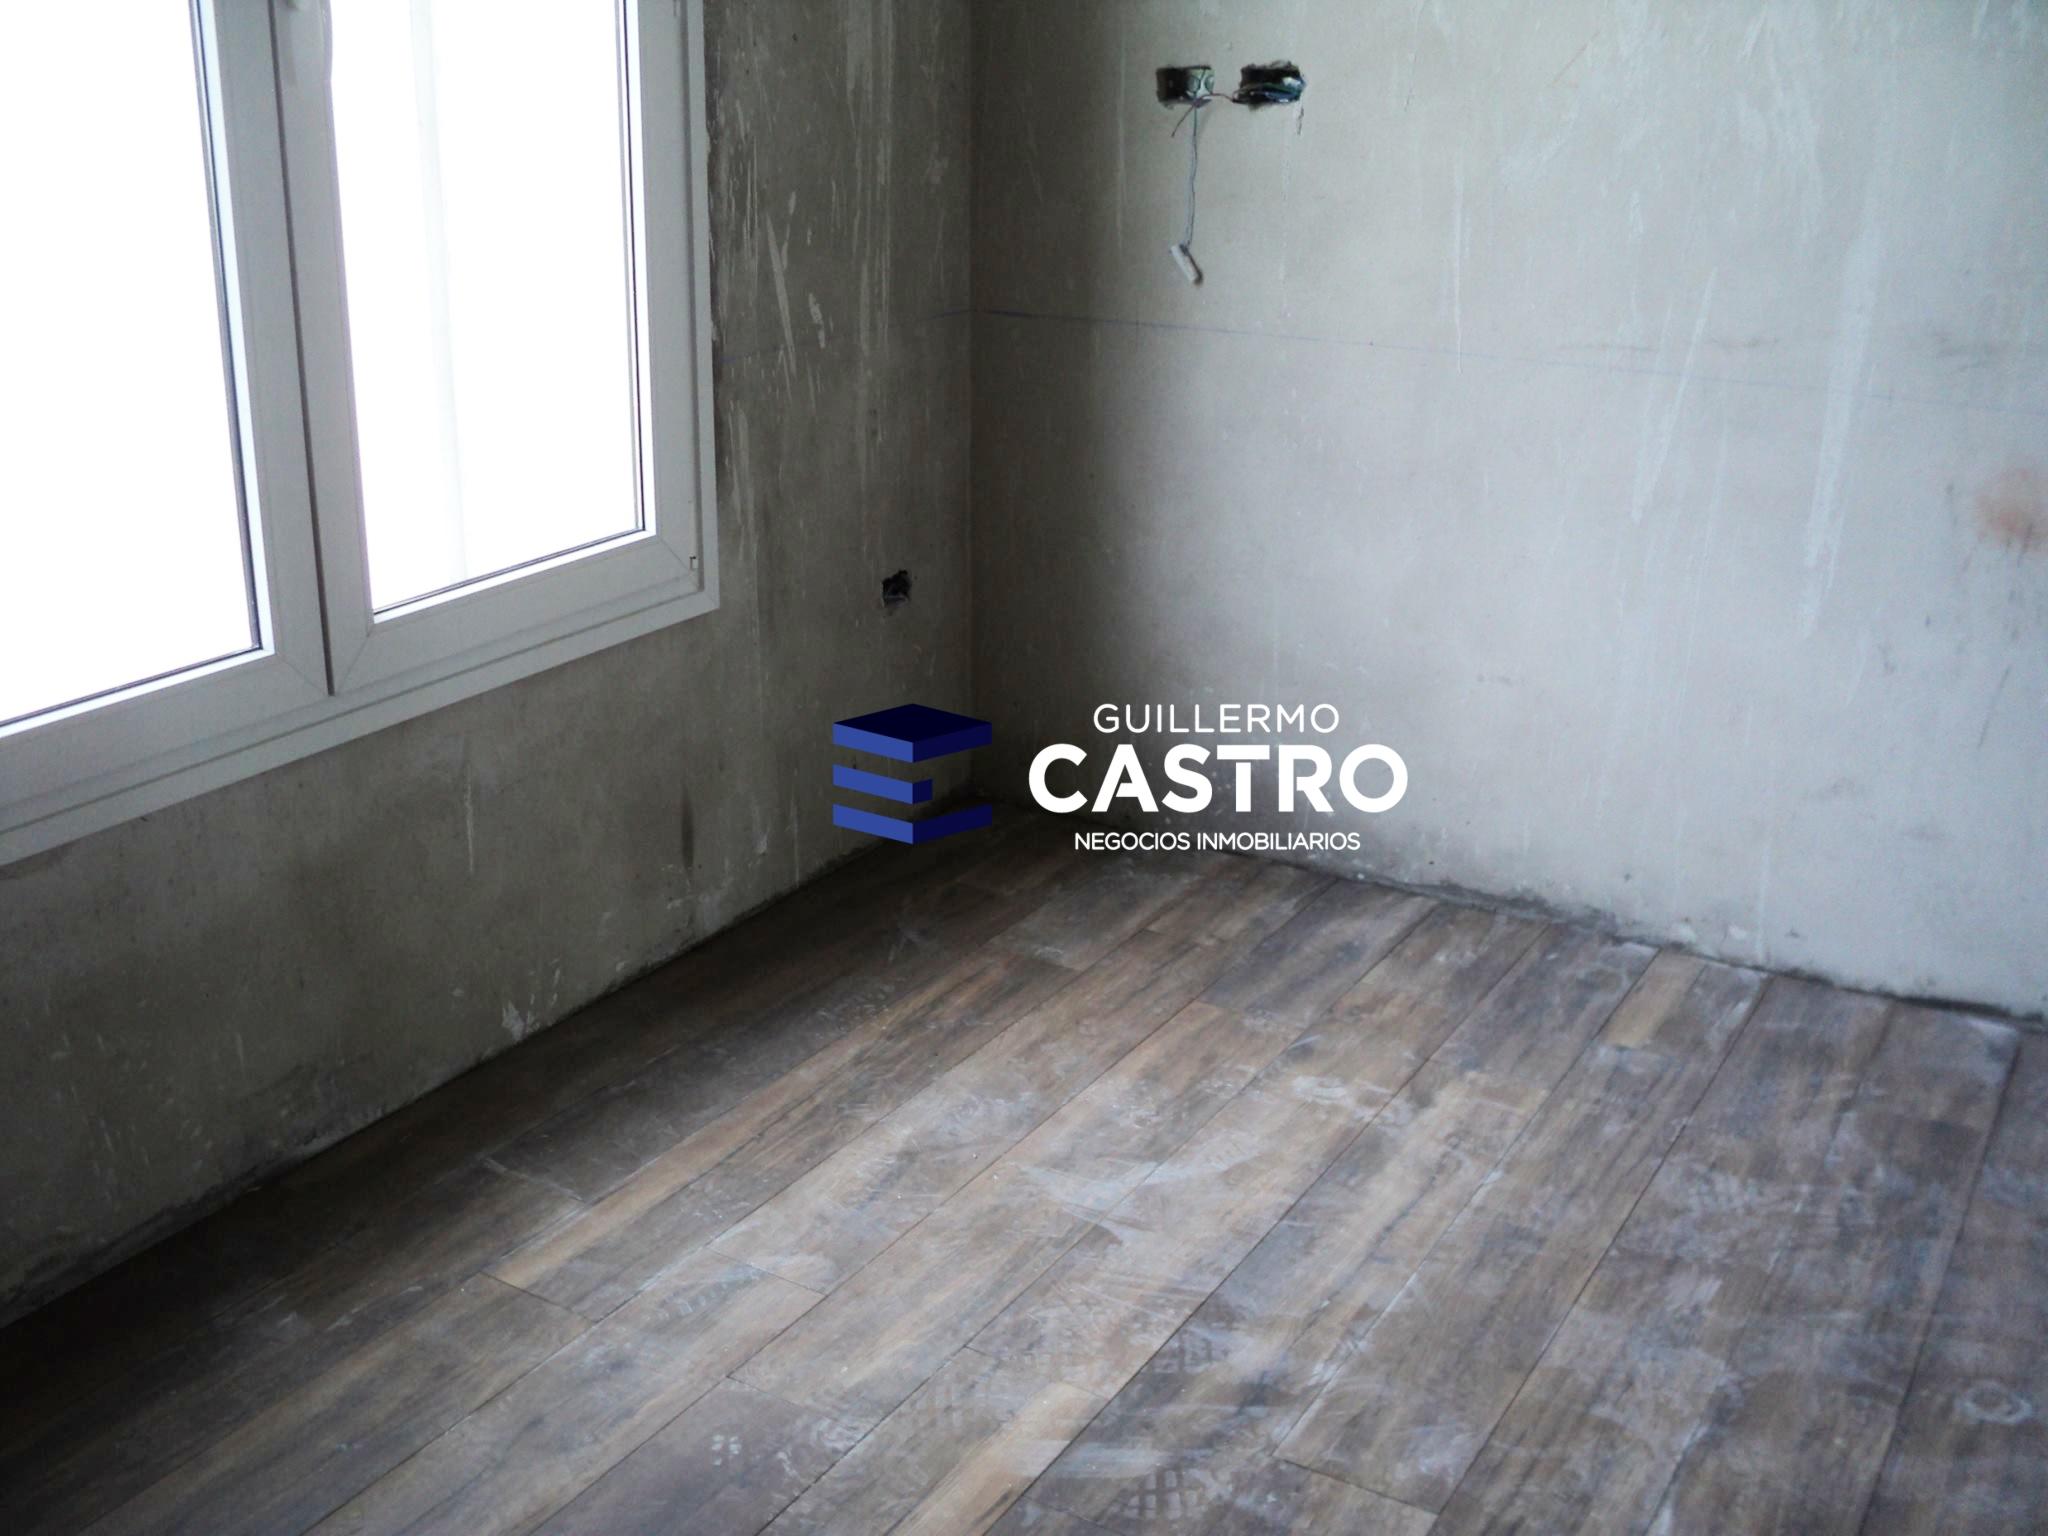 Guillermo Castro Propiedades Casa En Venta Construcci N  # Venta De Muebles Hudson